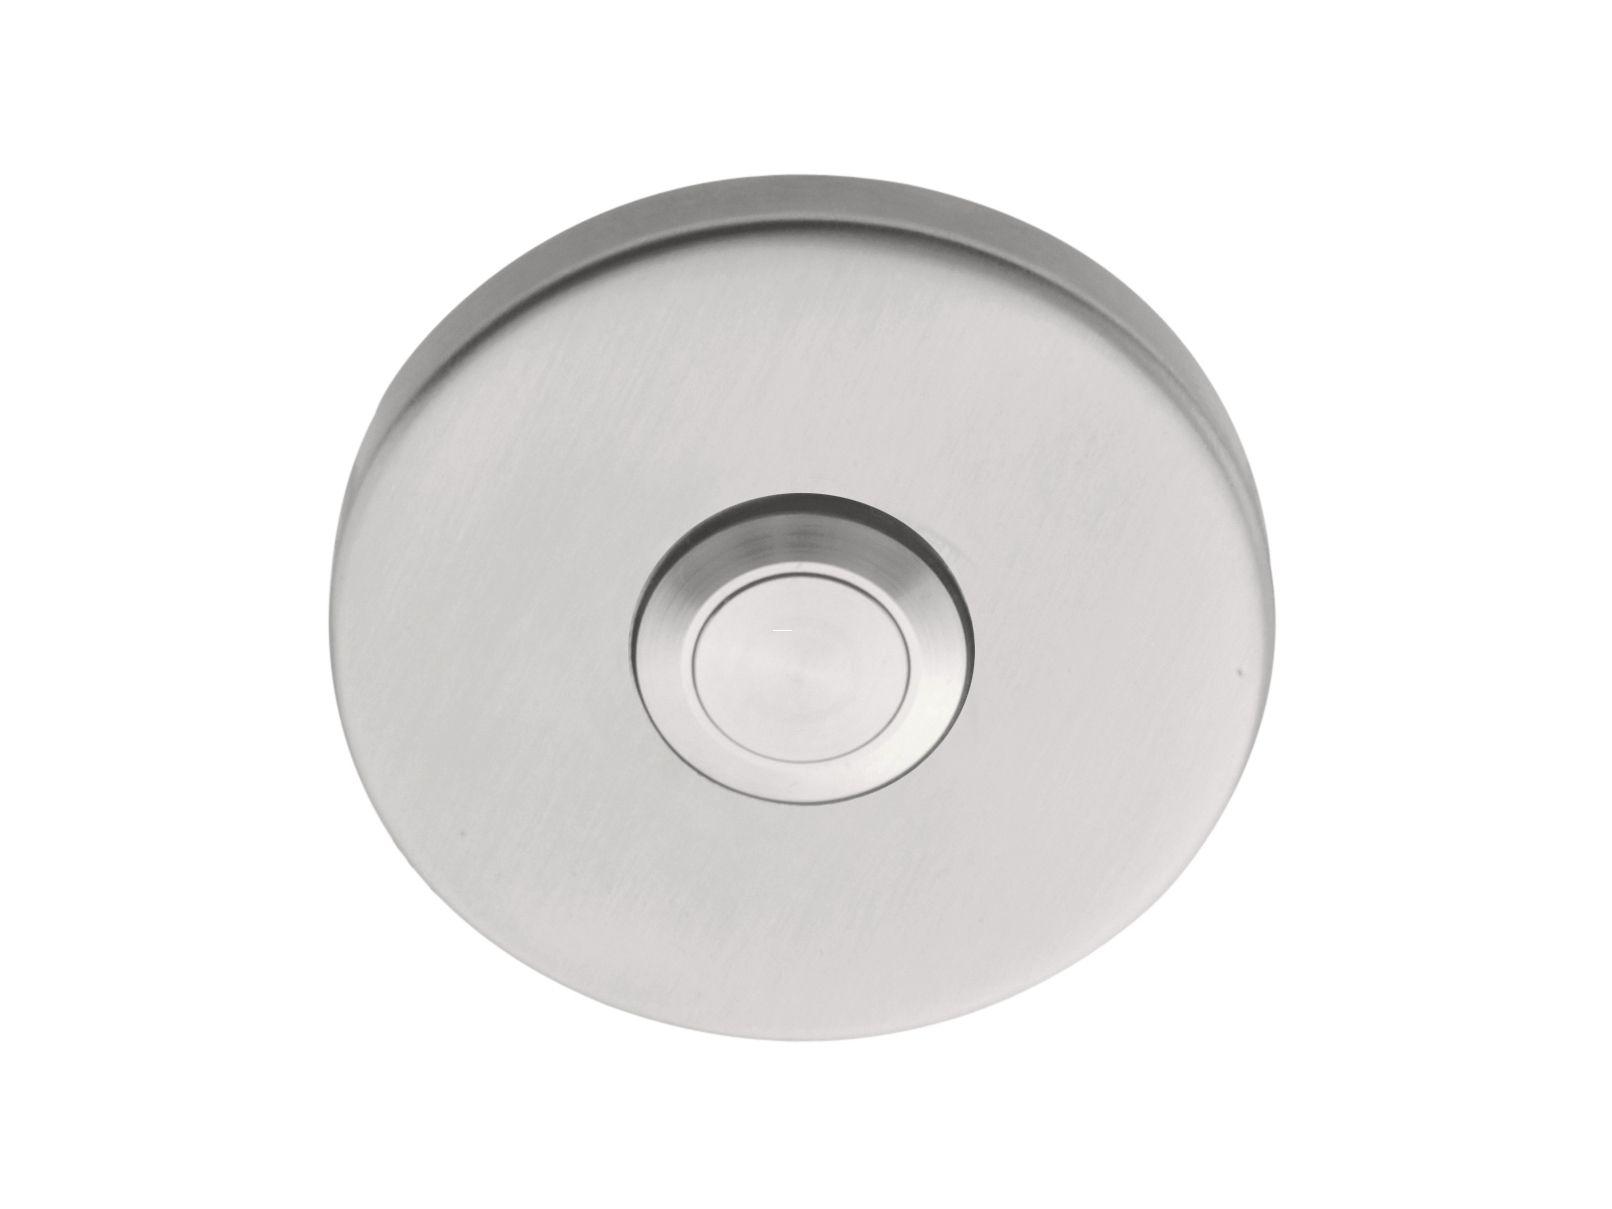 Basic bouton de sonnette by formani holland b v - Bouton de sonnette exterieur ...